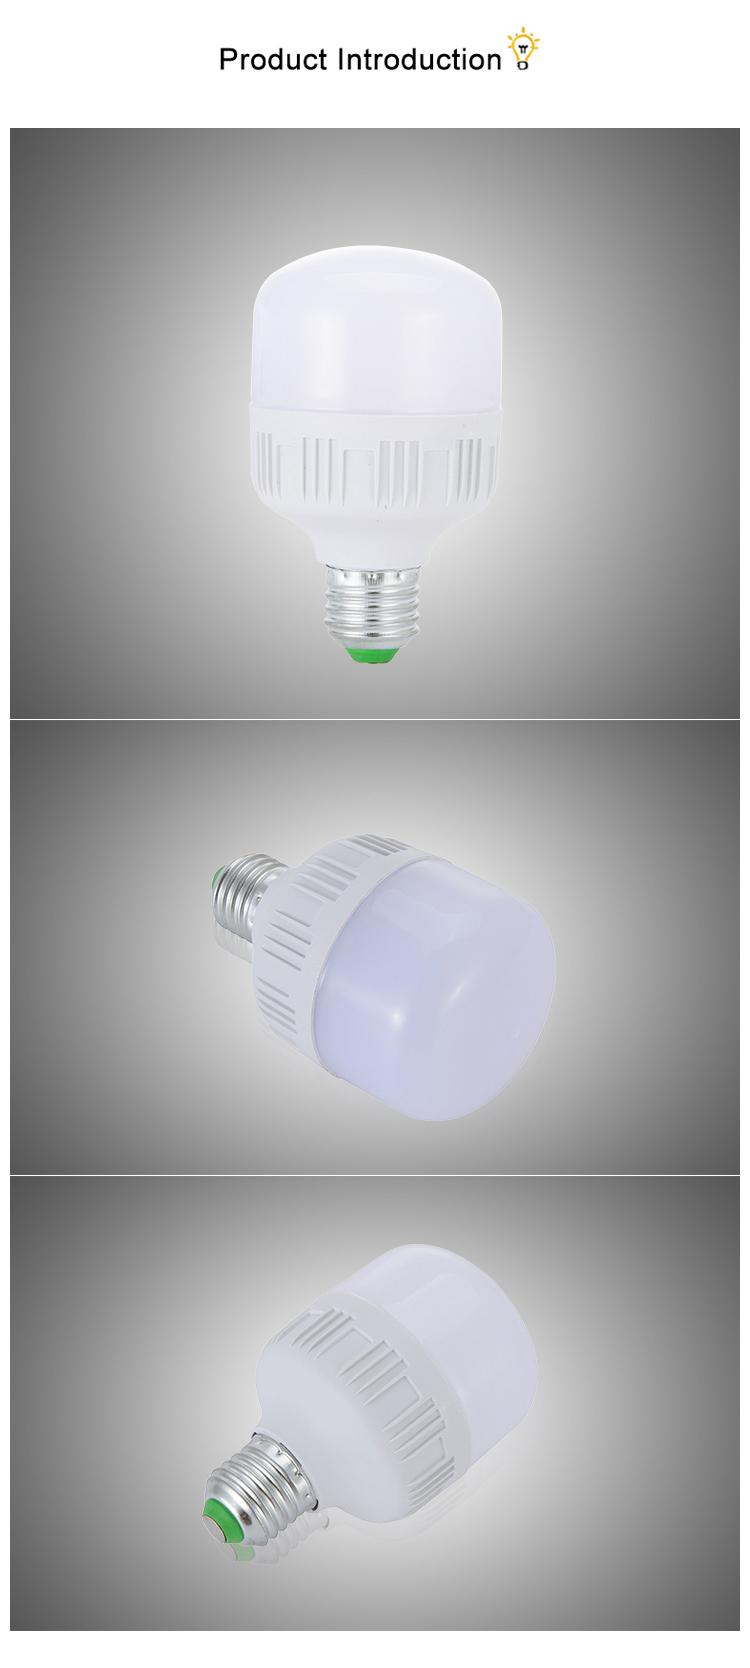 Energiesparlampe 2U 9W E27 warmwei/ß dimmbare